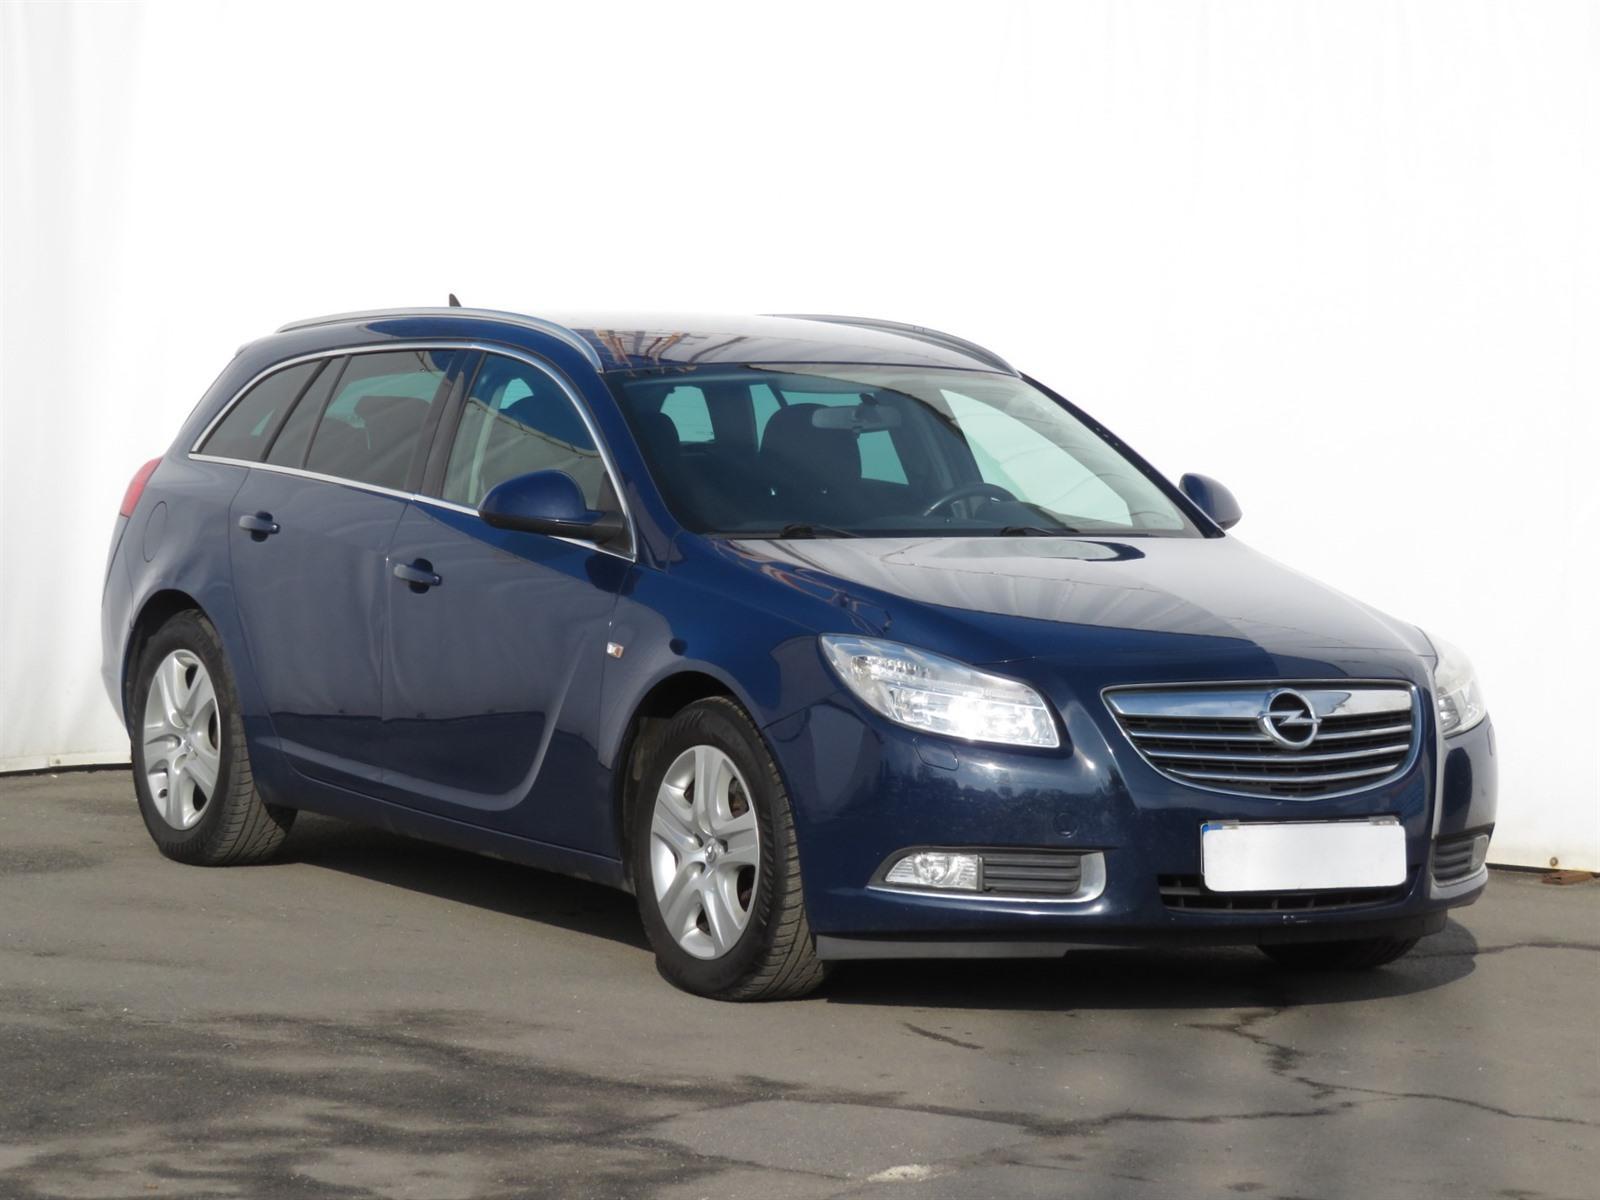 Opel Insignia 2.0 CDTI 96kW kombi nafta